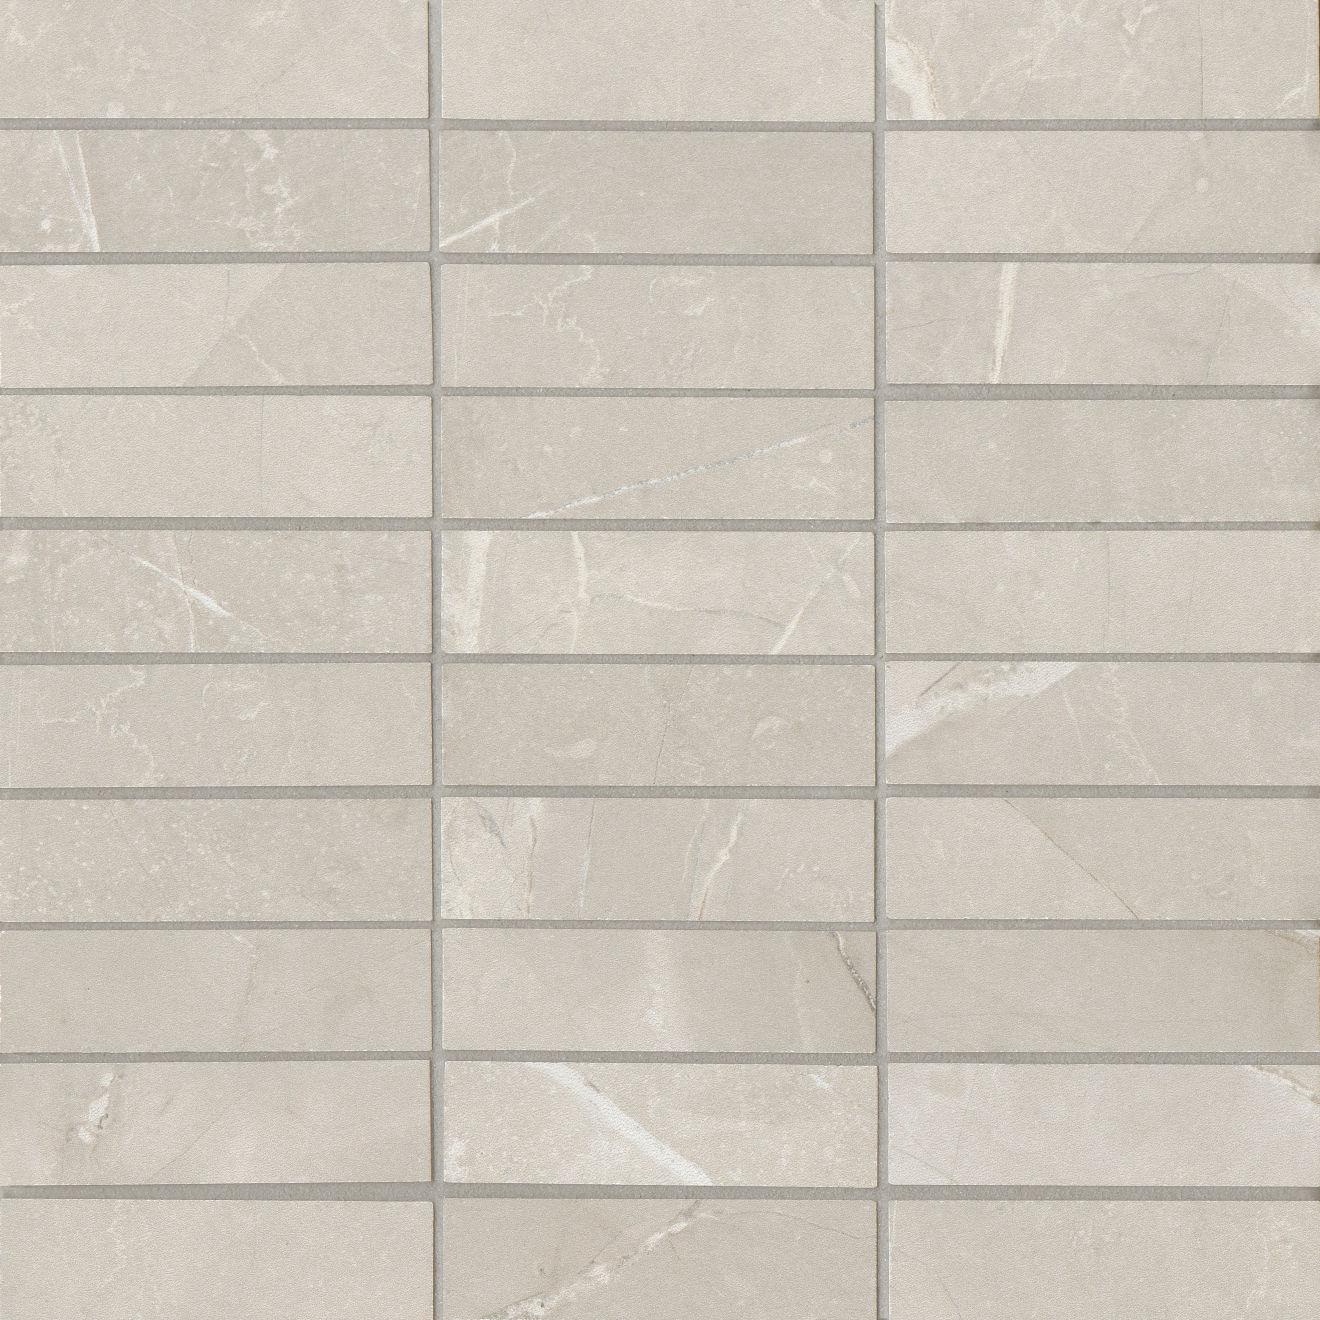 """Pulpis 1""""x4"""" Honed Porcelain Mosaic Tile in Grigio"""